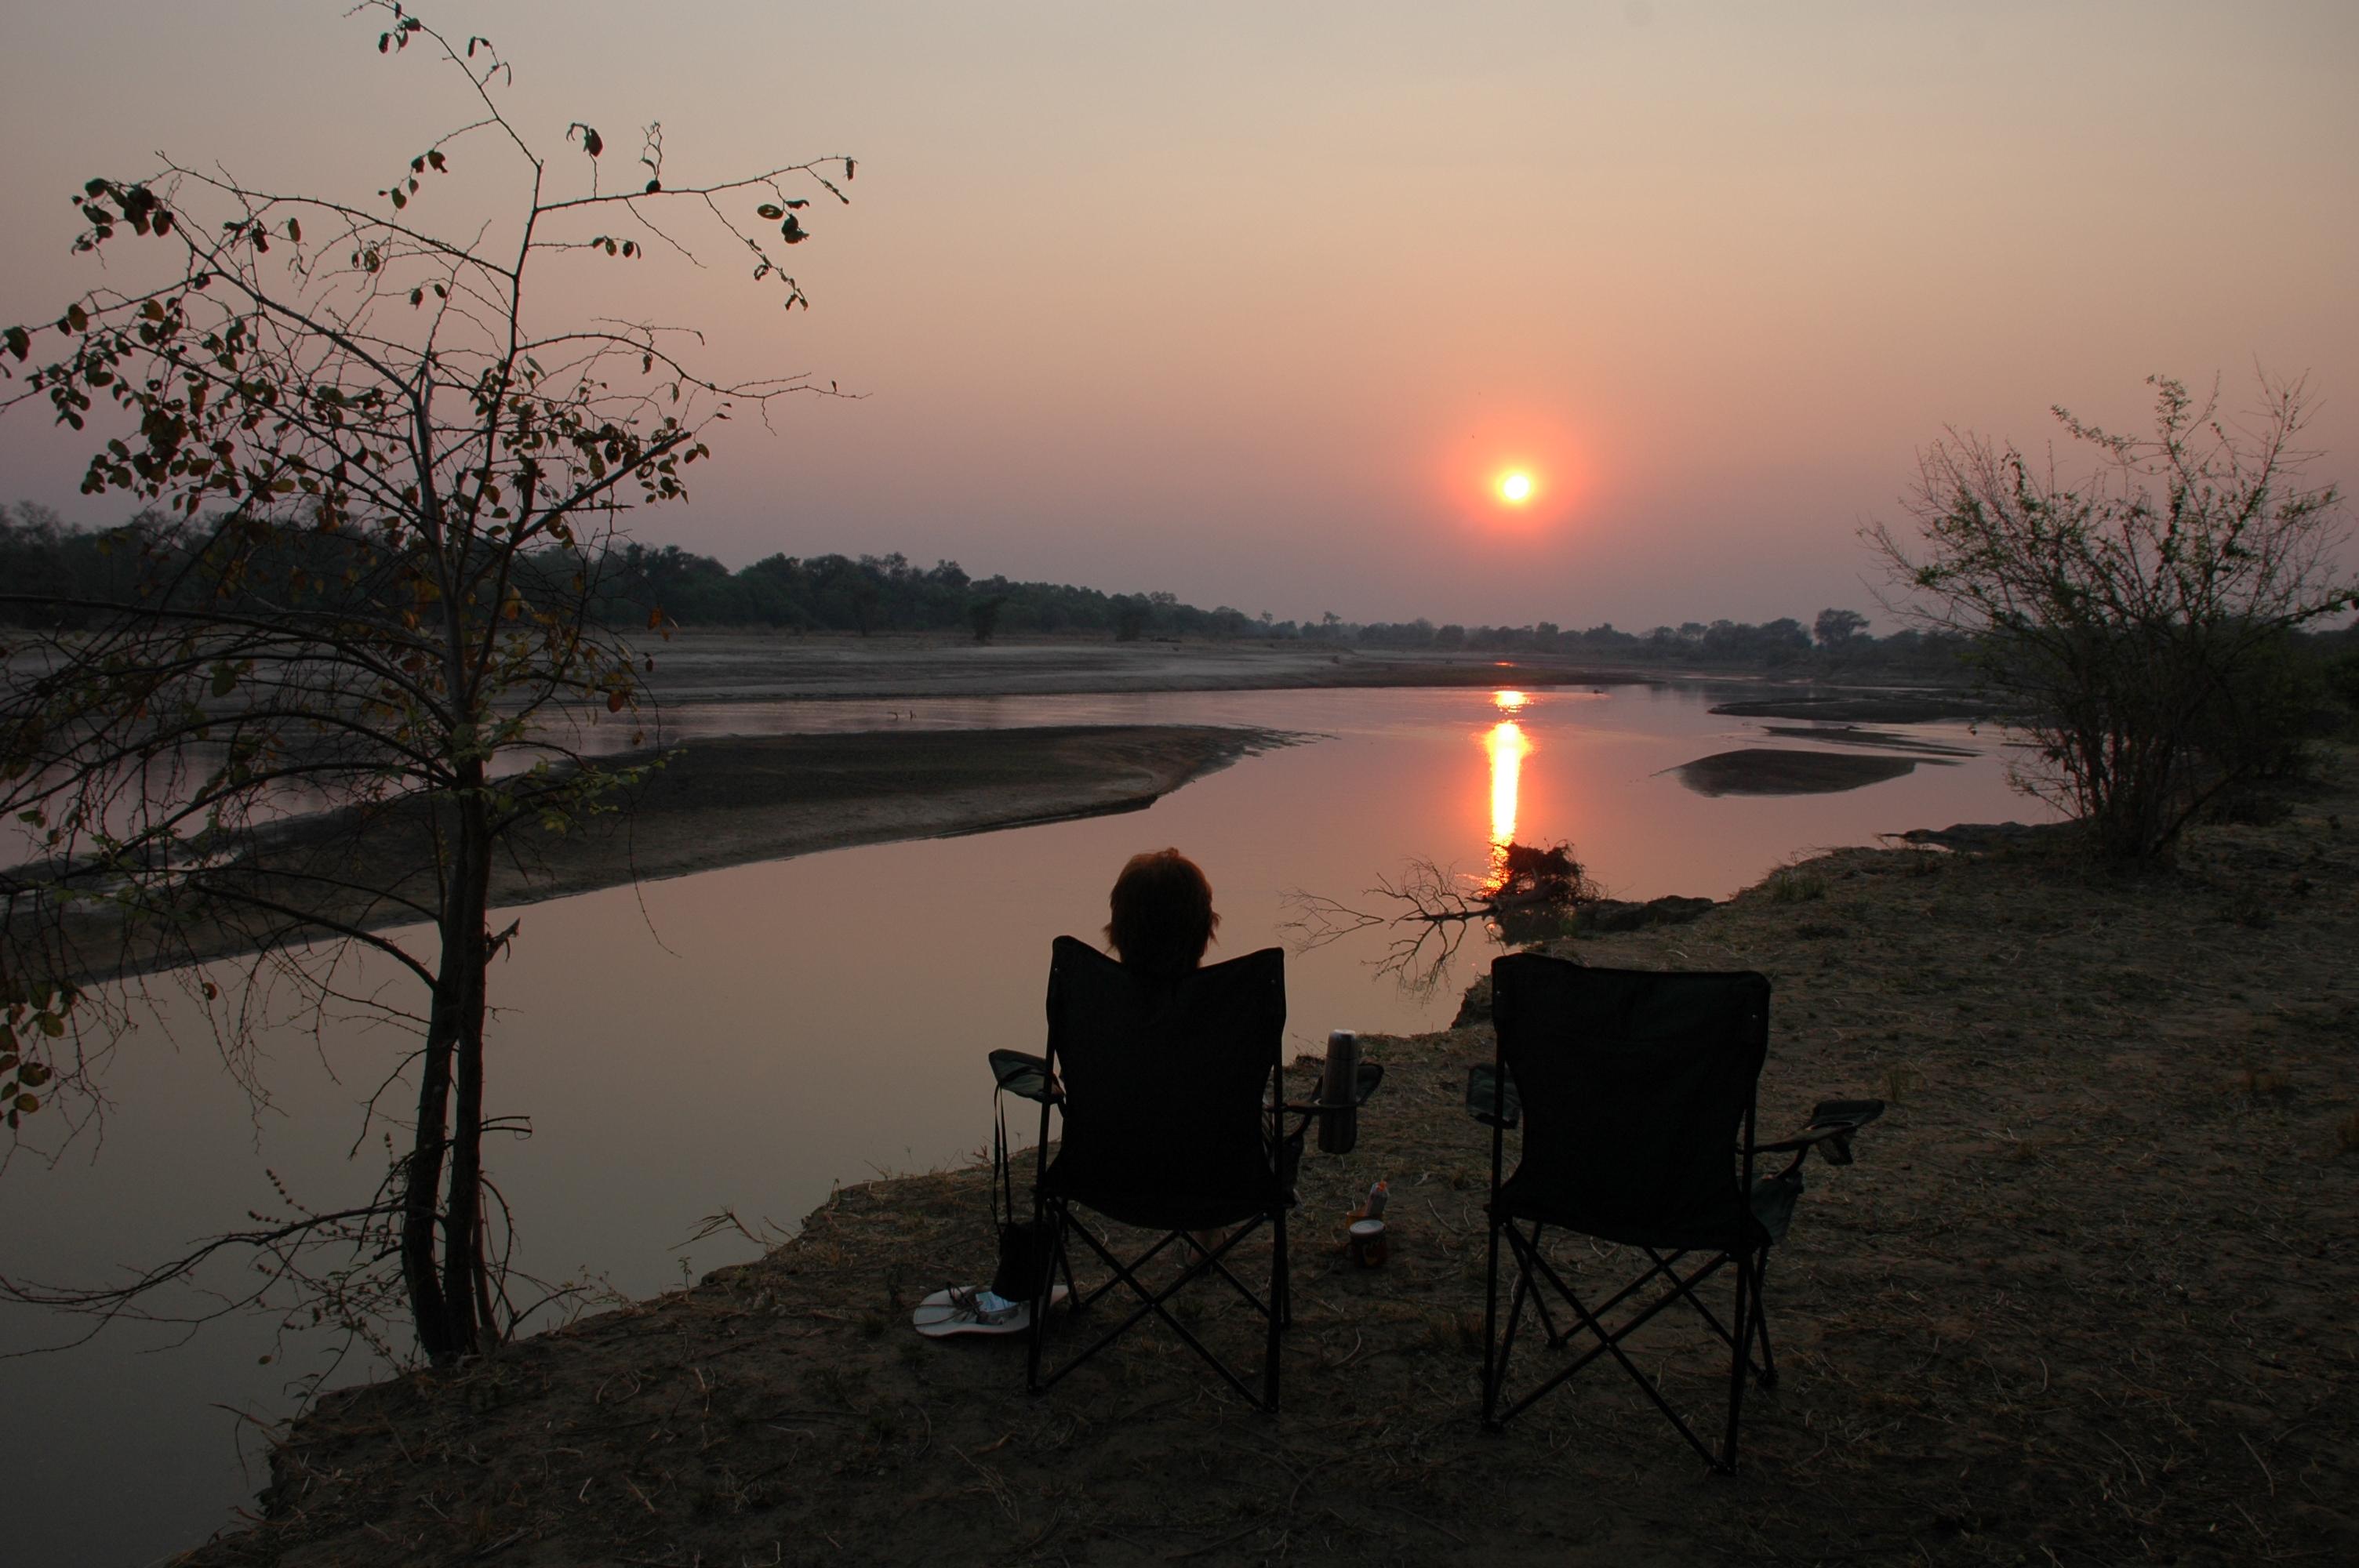 WILD ZAMBIA ADVENTURE SAFARI